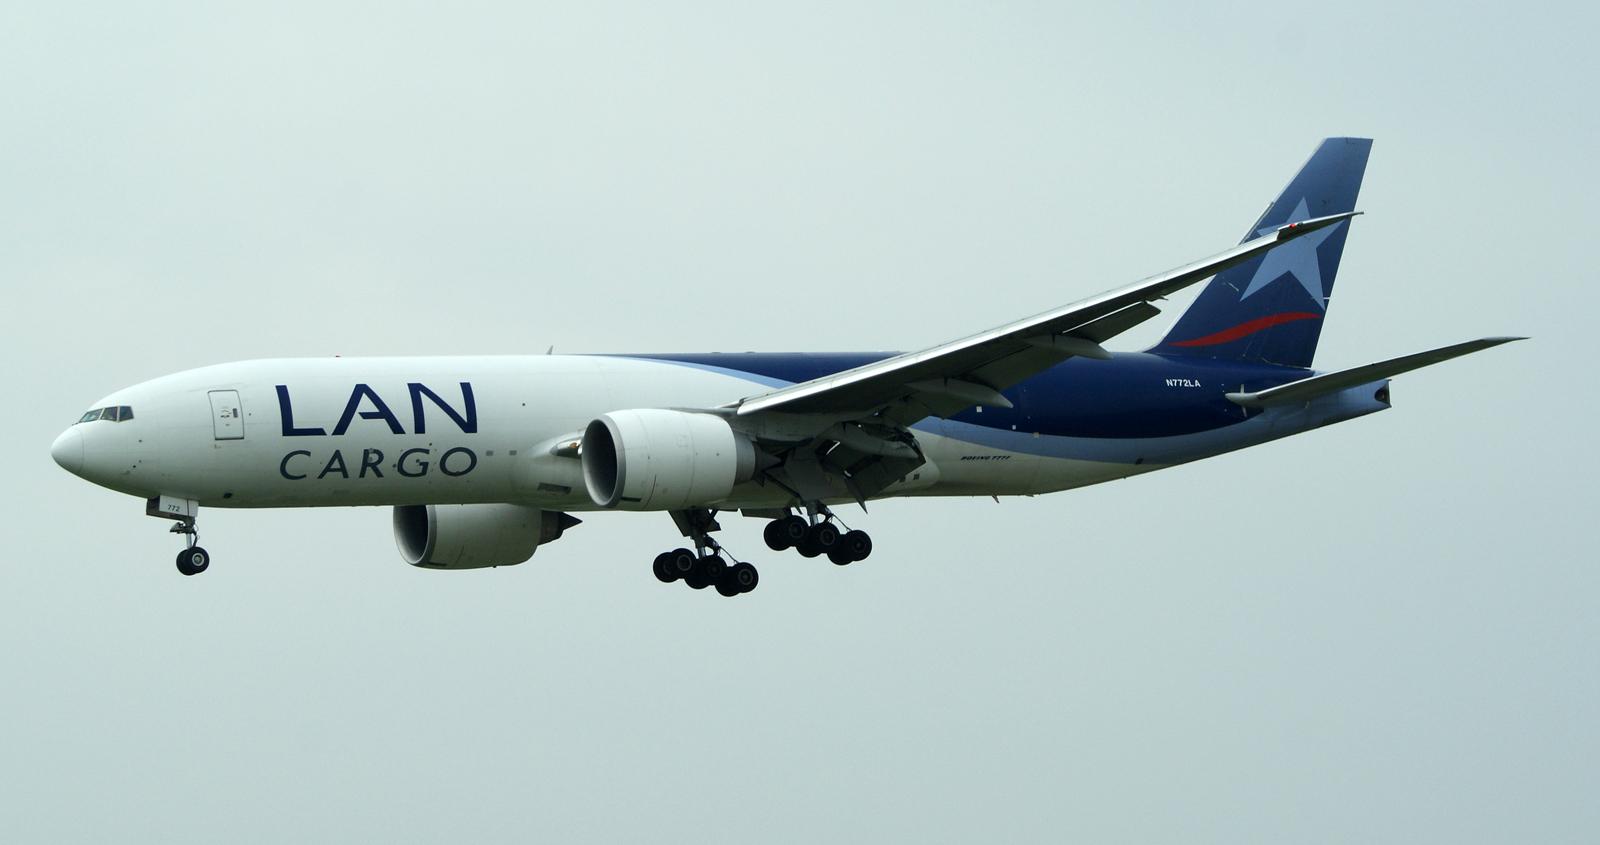 Boeing 777F N772LA LAN Cargo